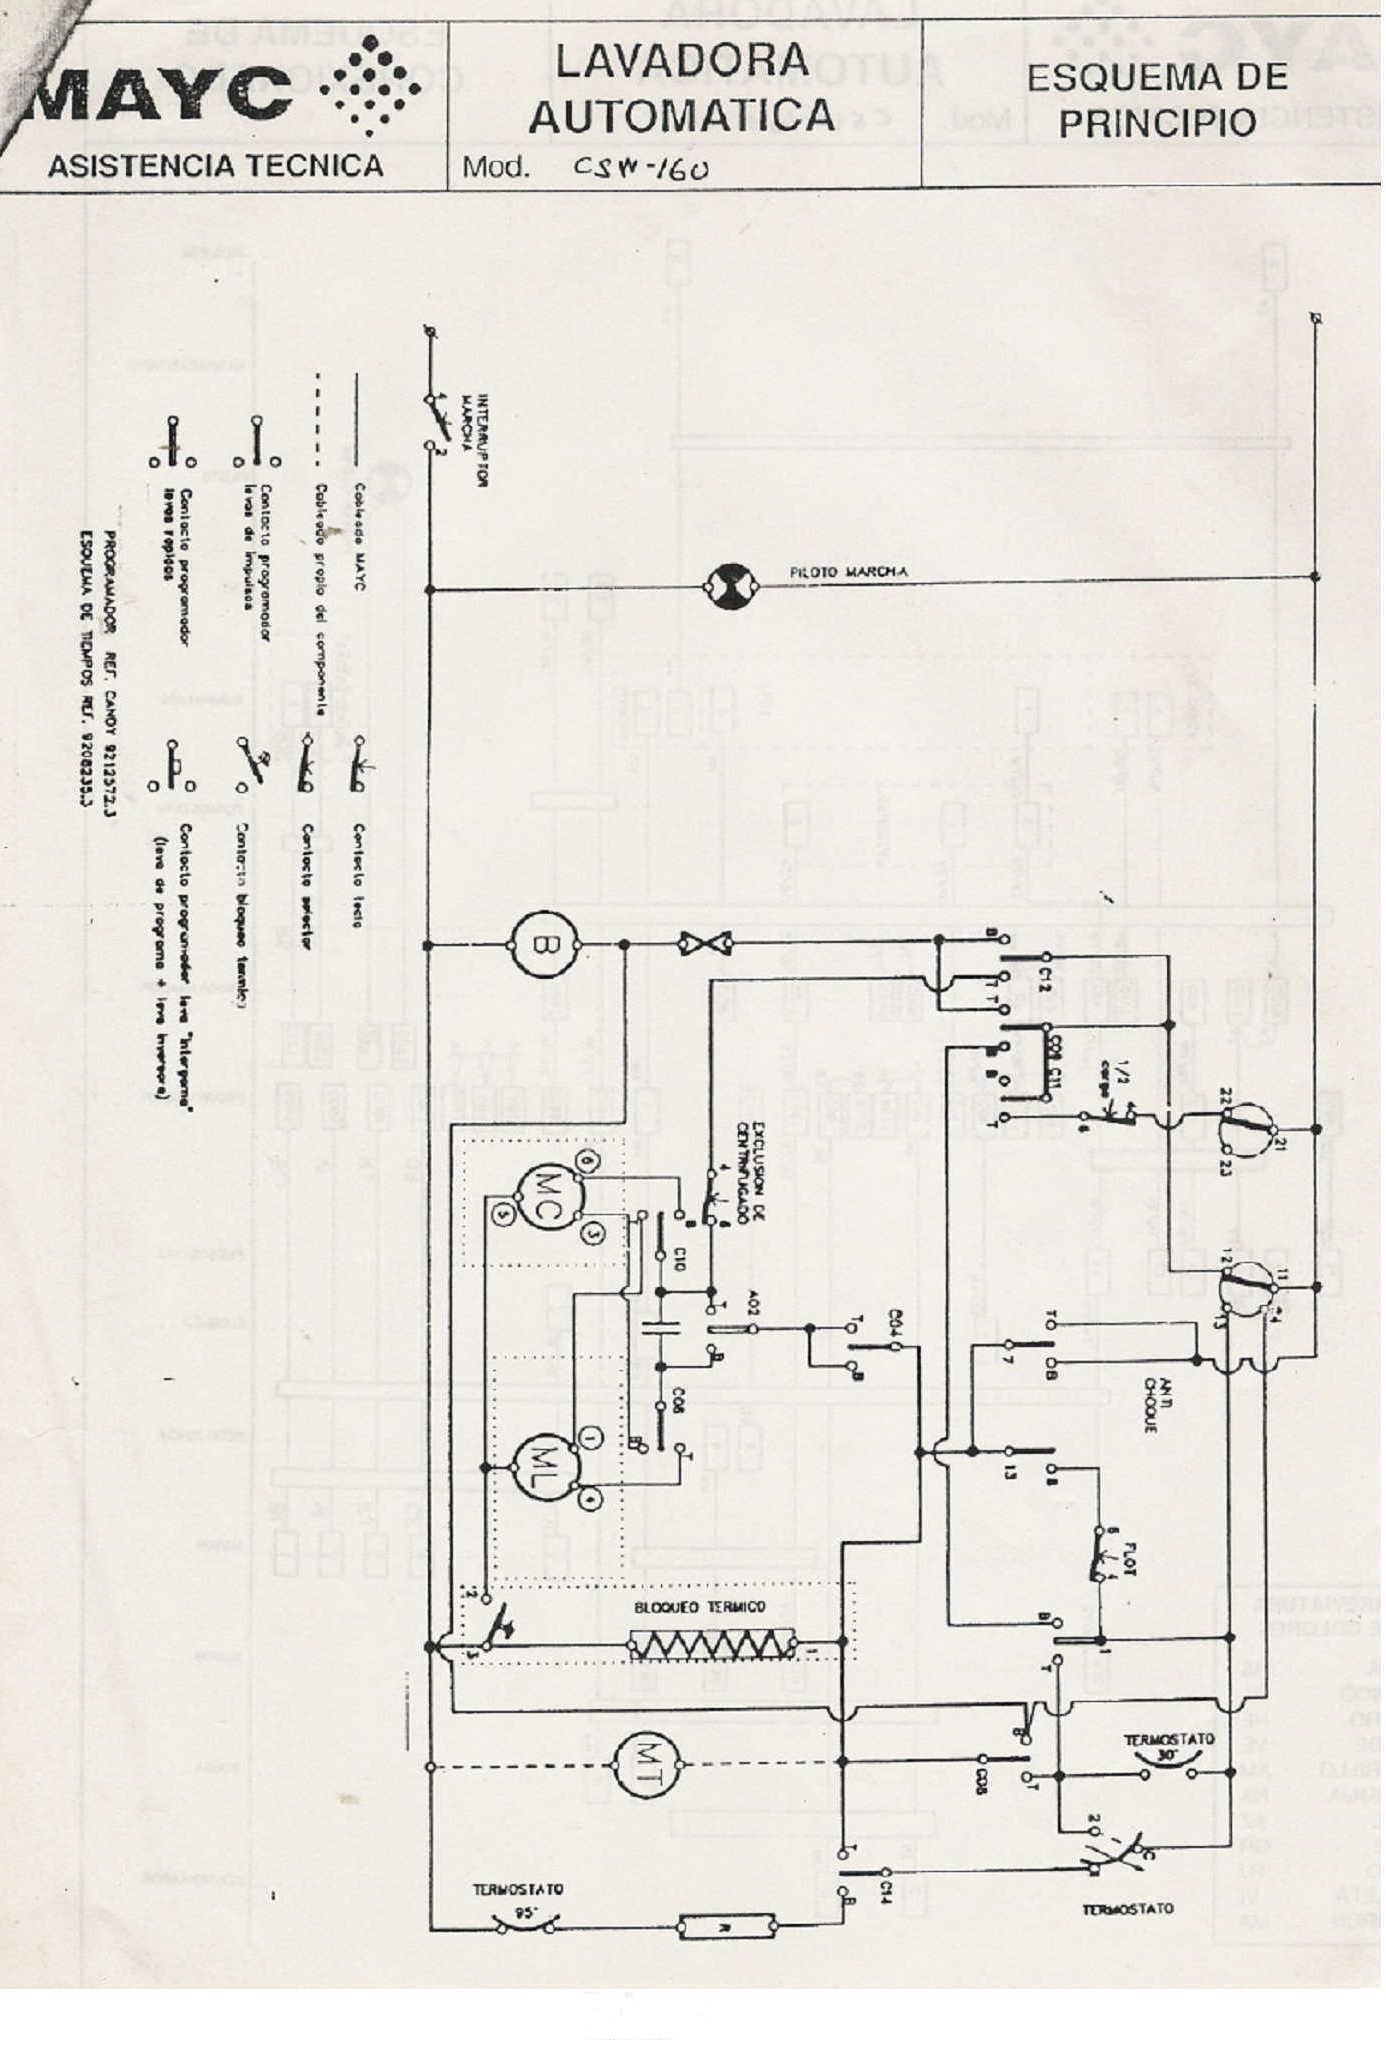 Conecciones De Programador De Lavarropas Coventry Gcs600